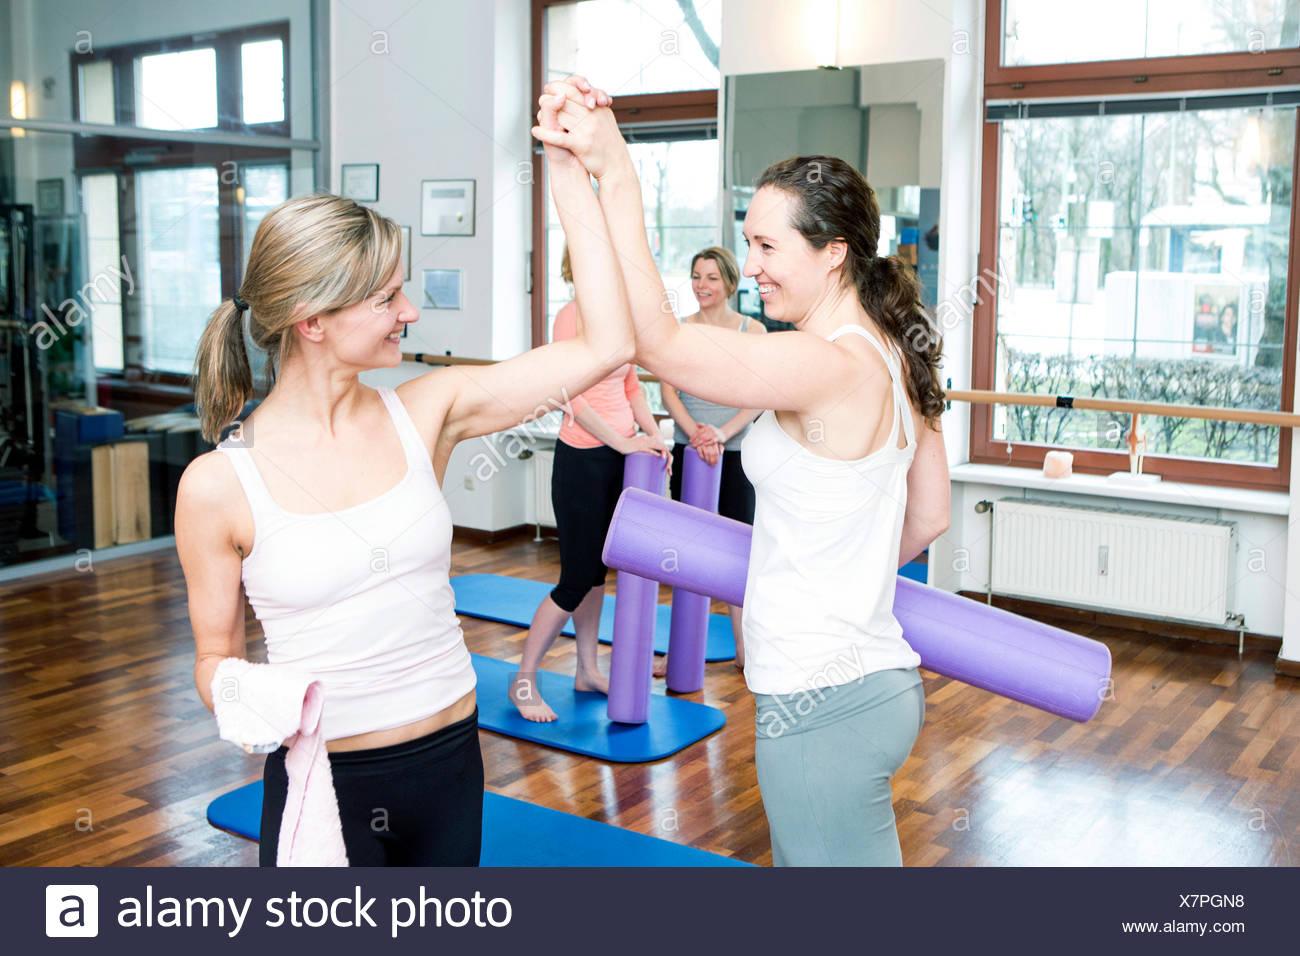 Le donne si prendono una pausa sulla classe di Pilates Immagini Stock